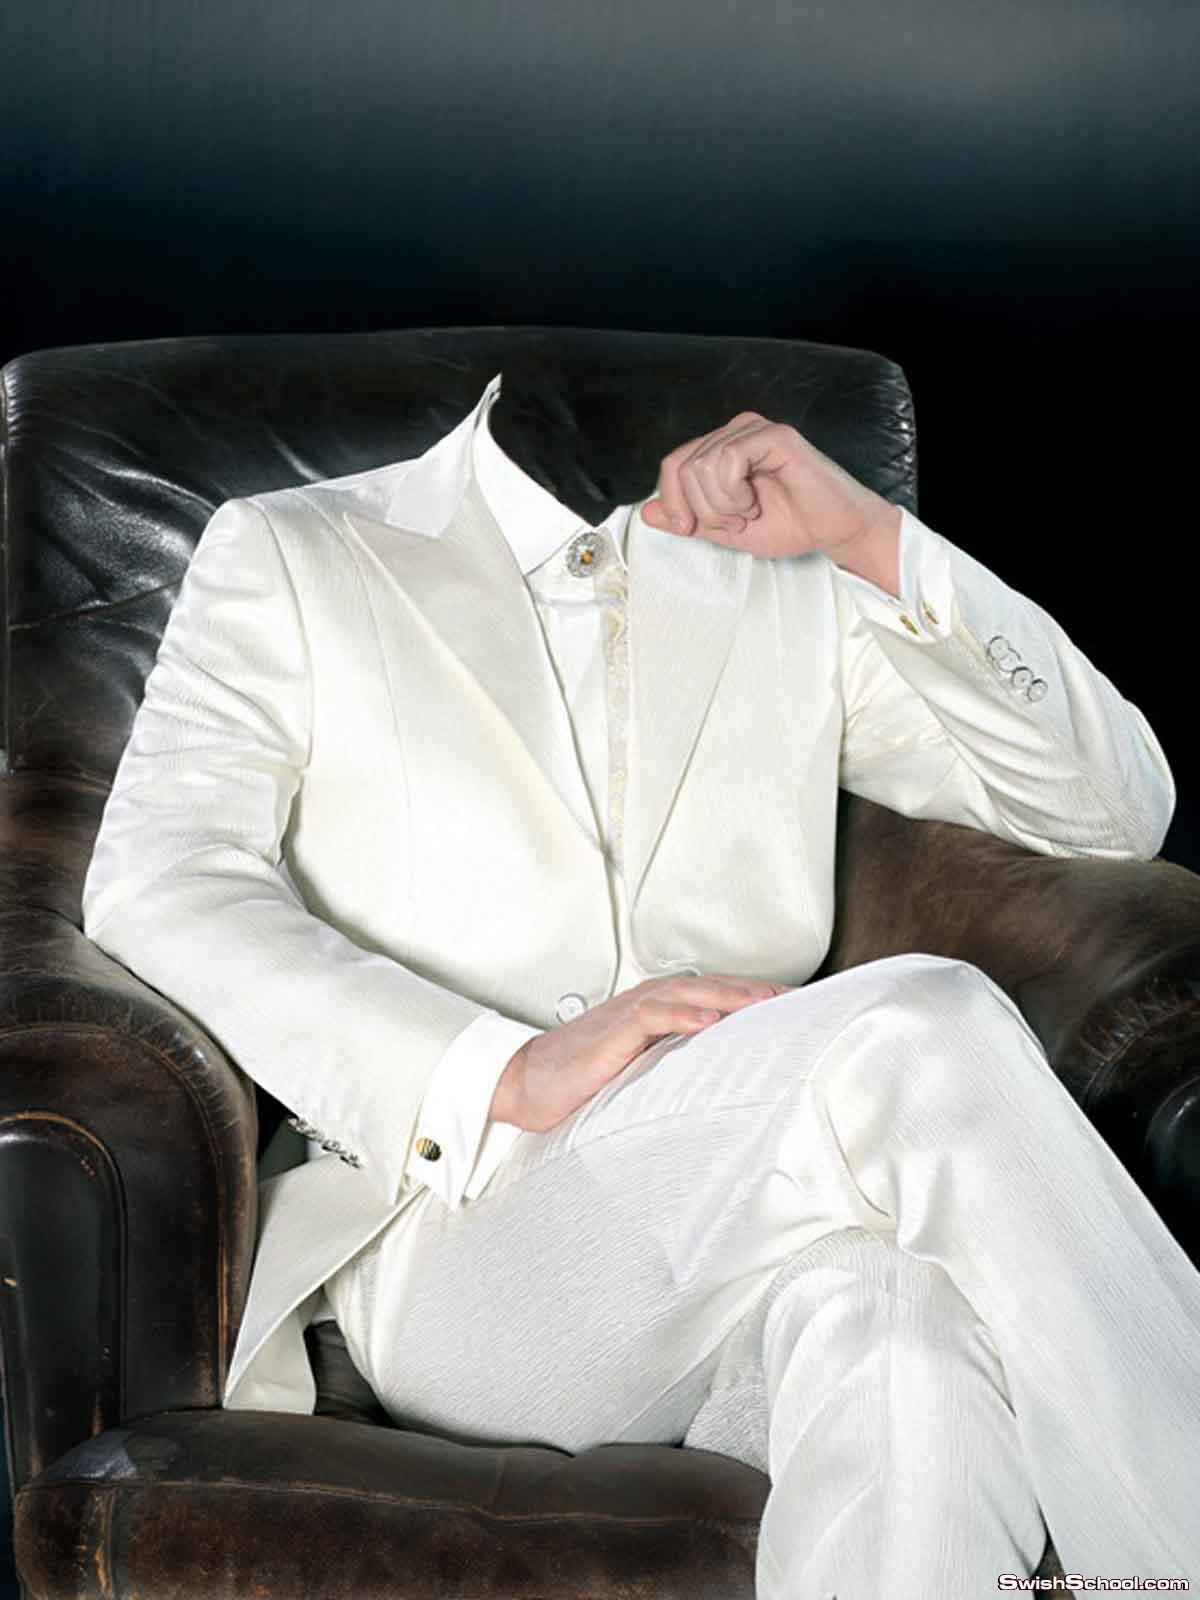 قالب لراجل يجلس على كرسى ببدلة بيضاء  رائع